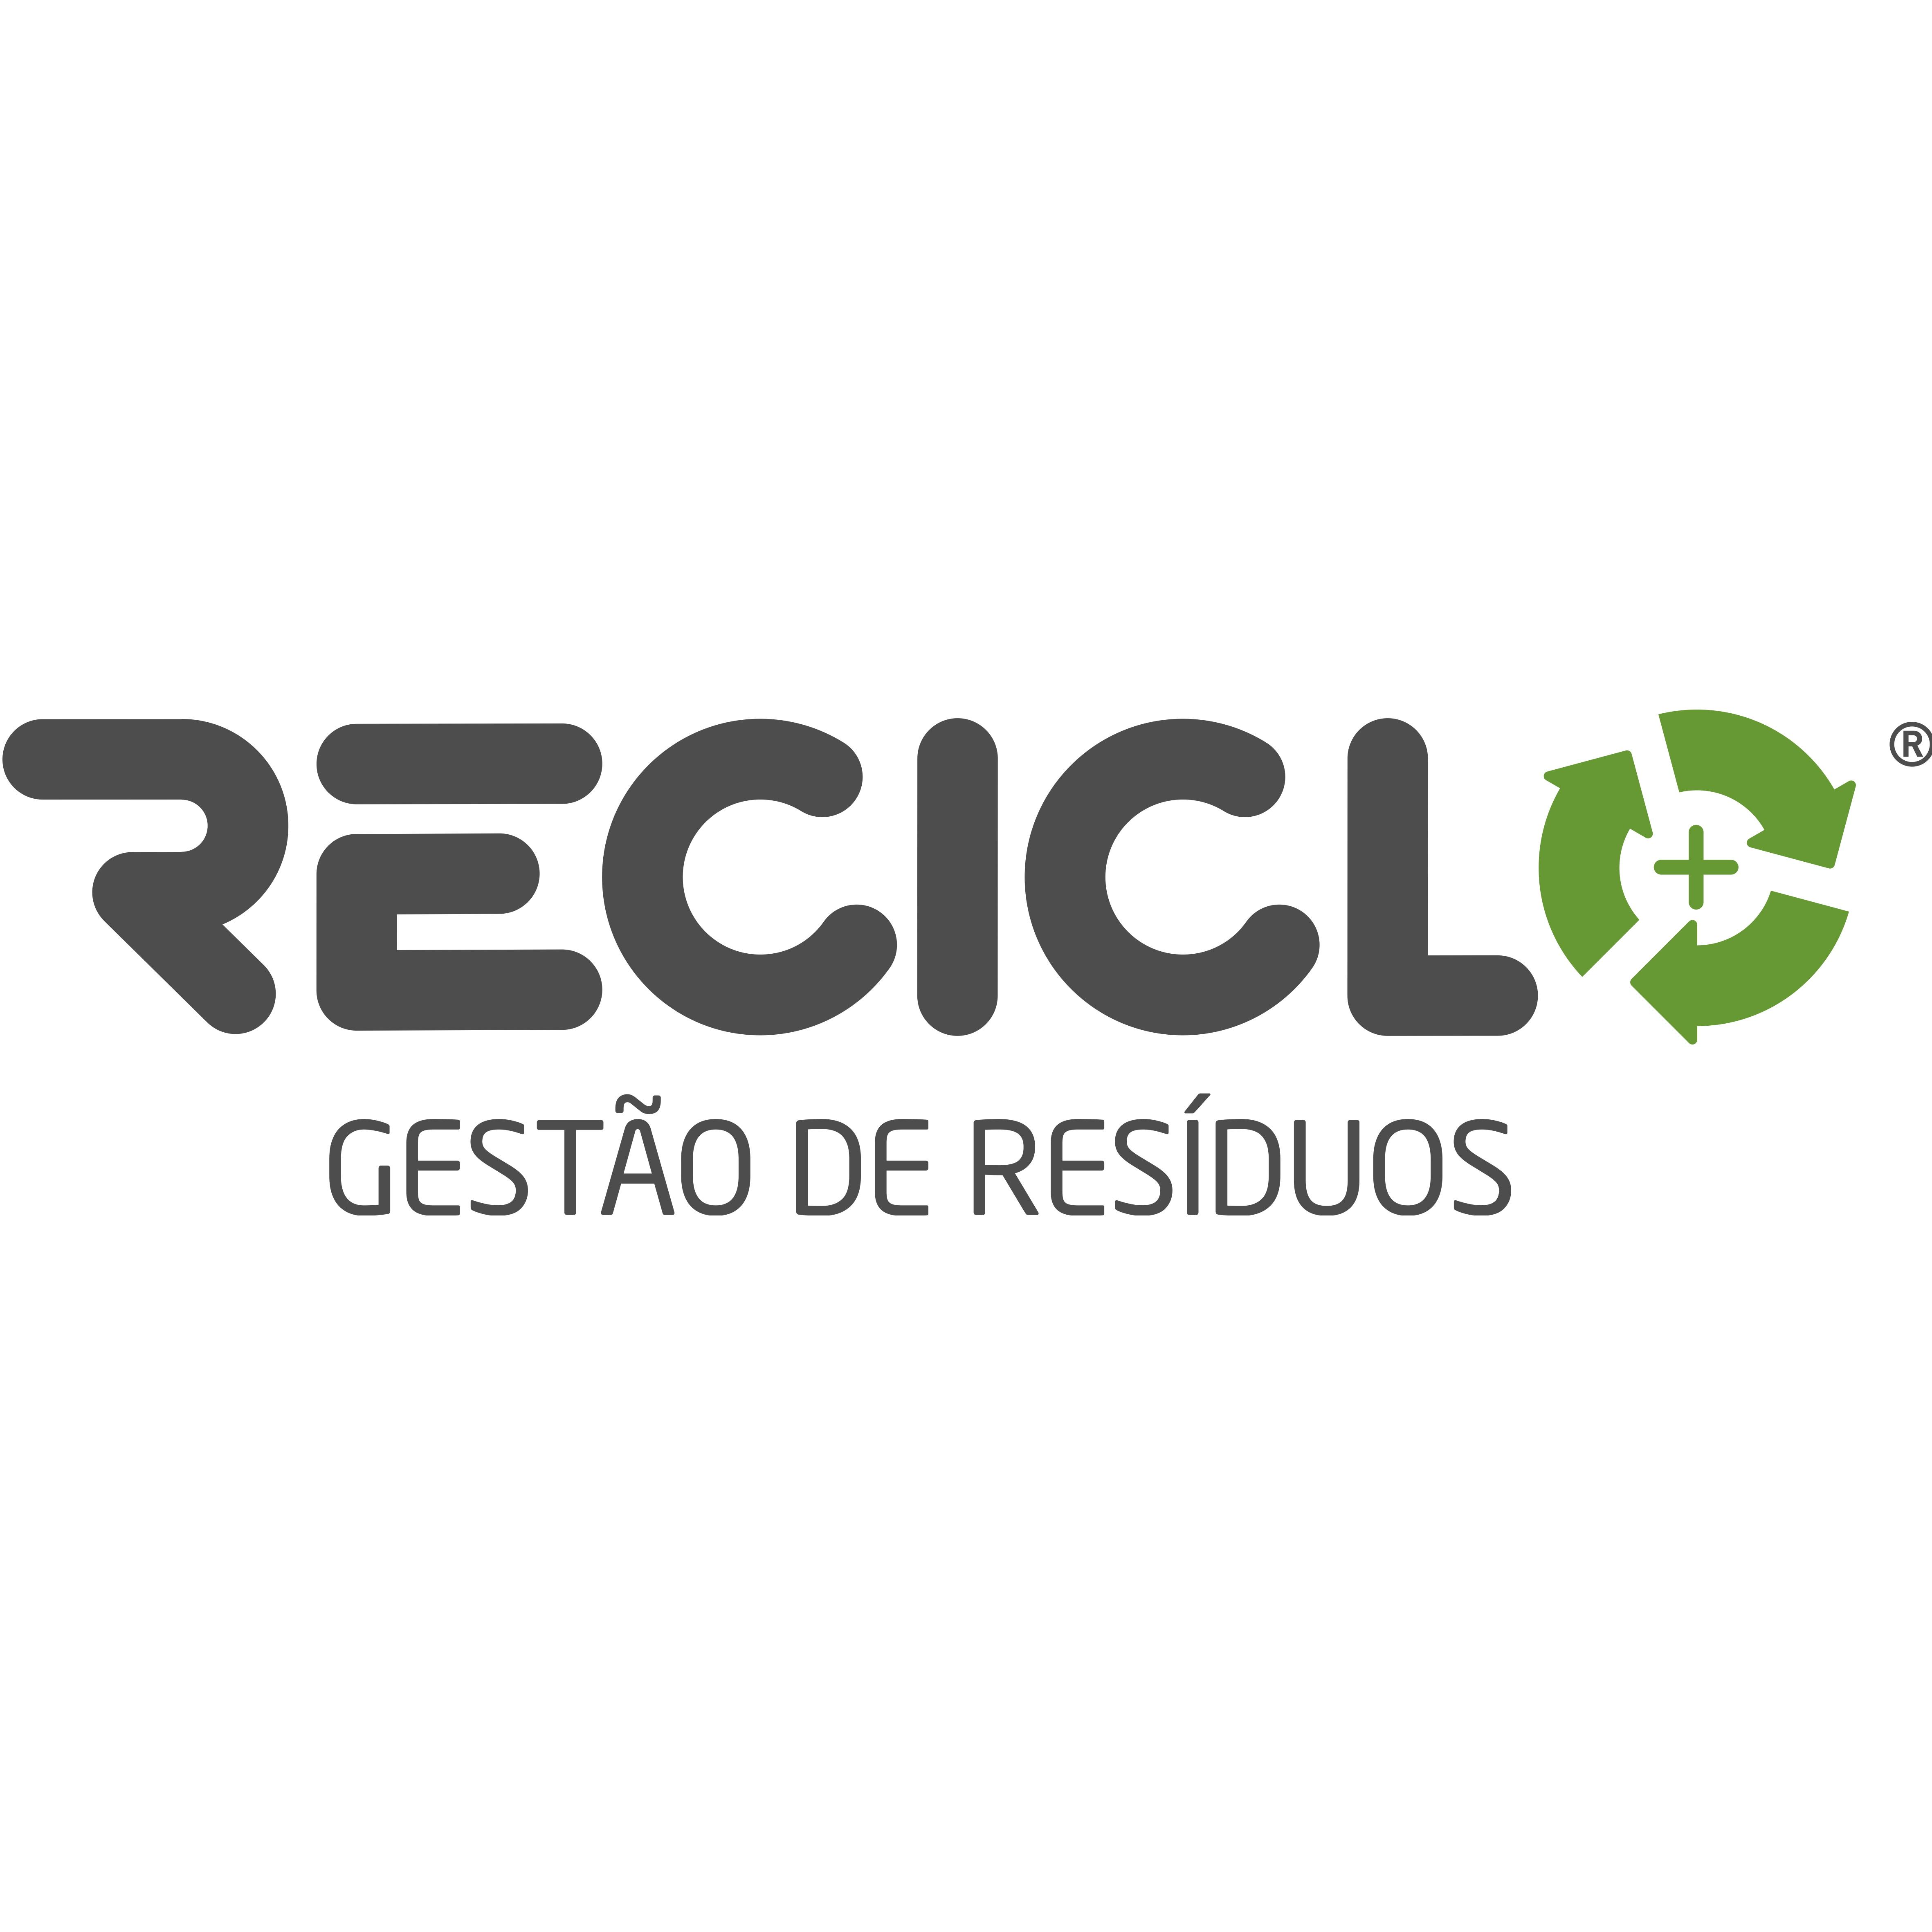 RECICLOMAIS gestão de resíduos